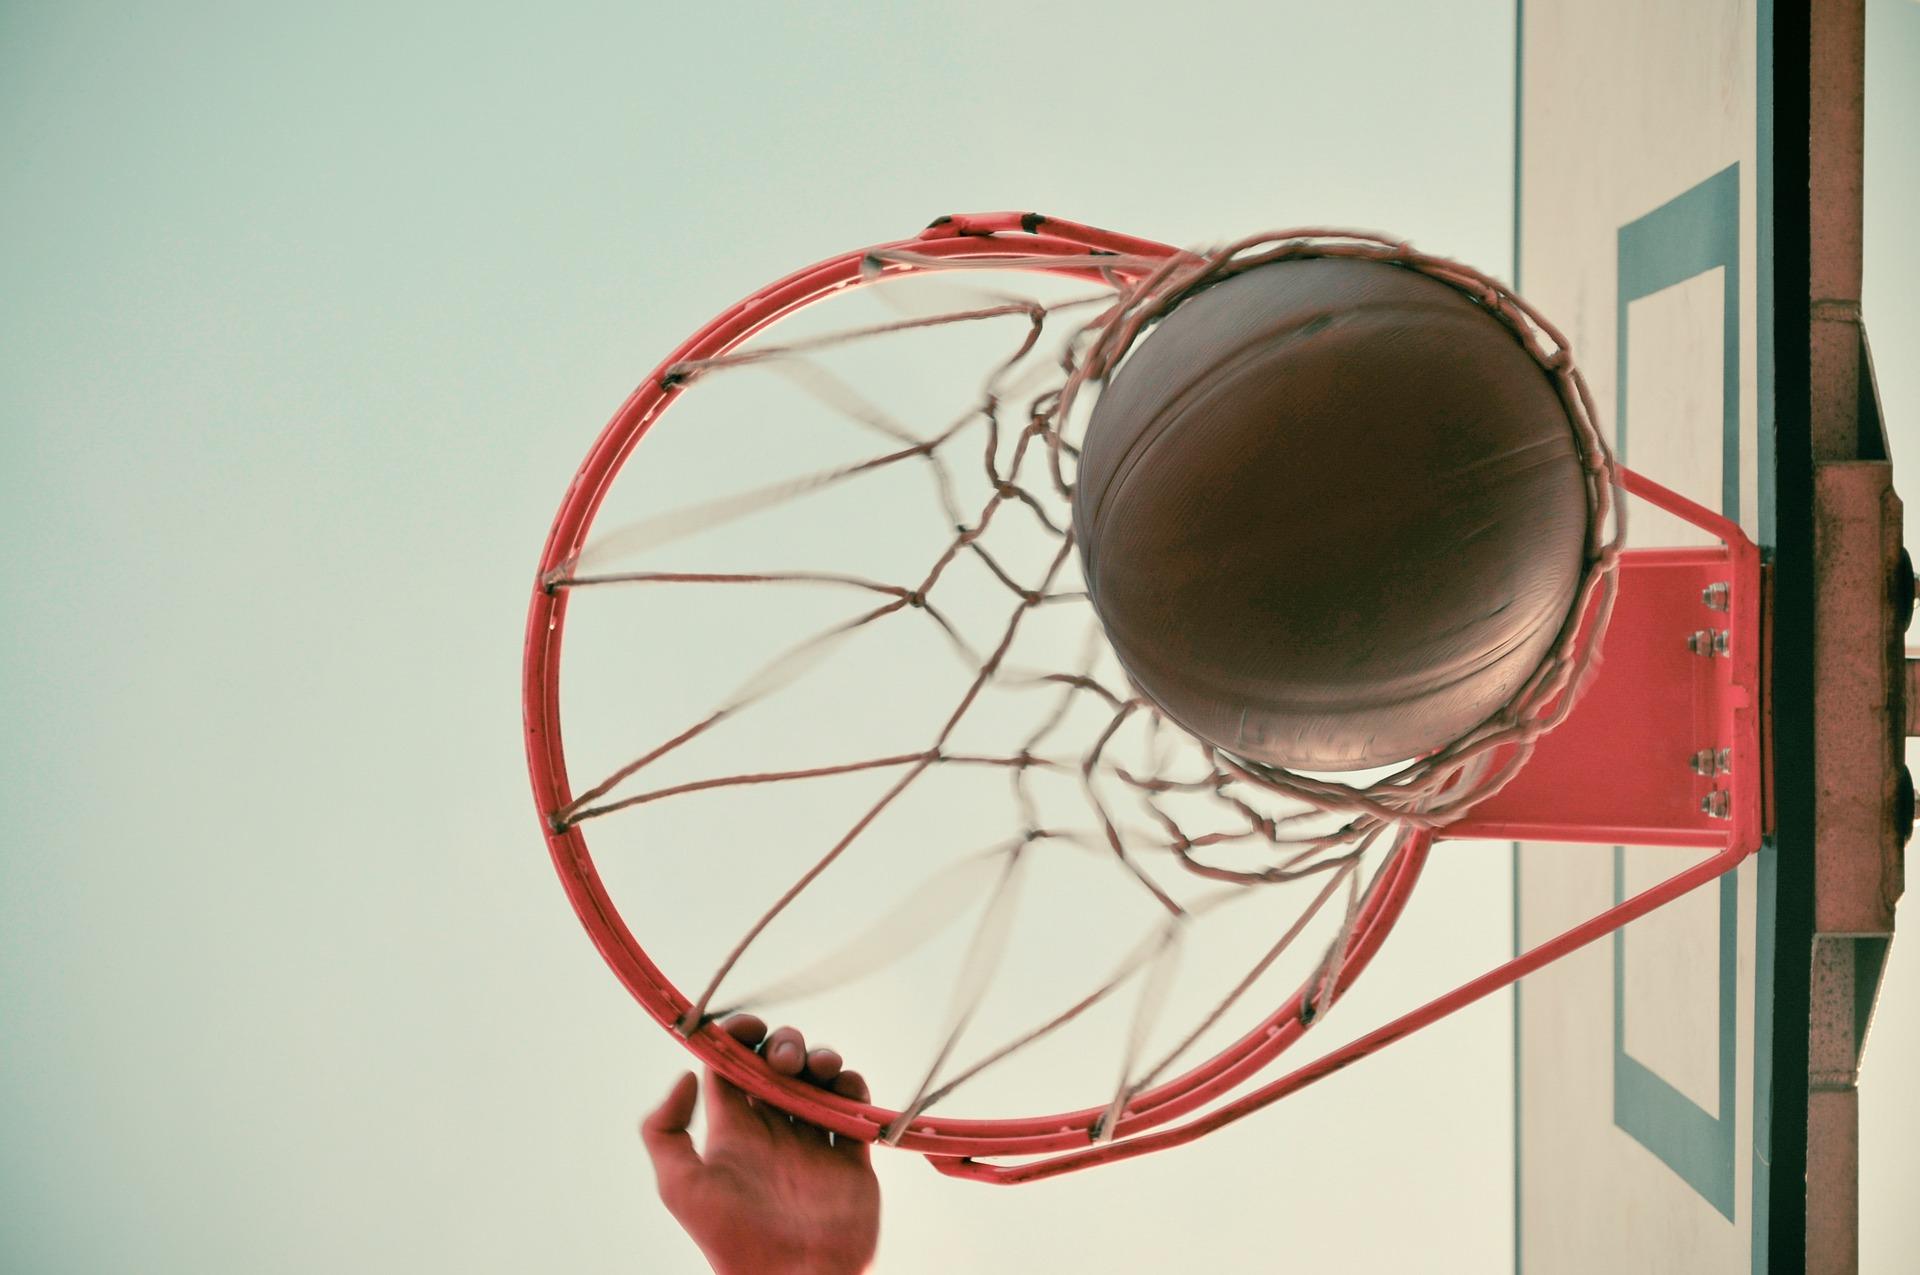 Jocul de baschet